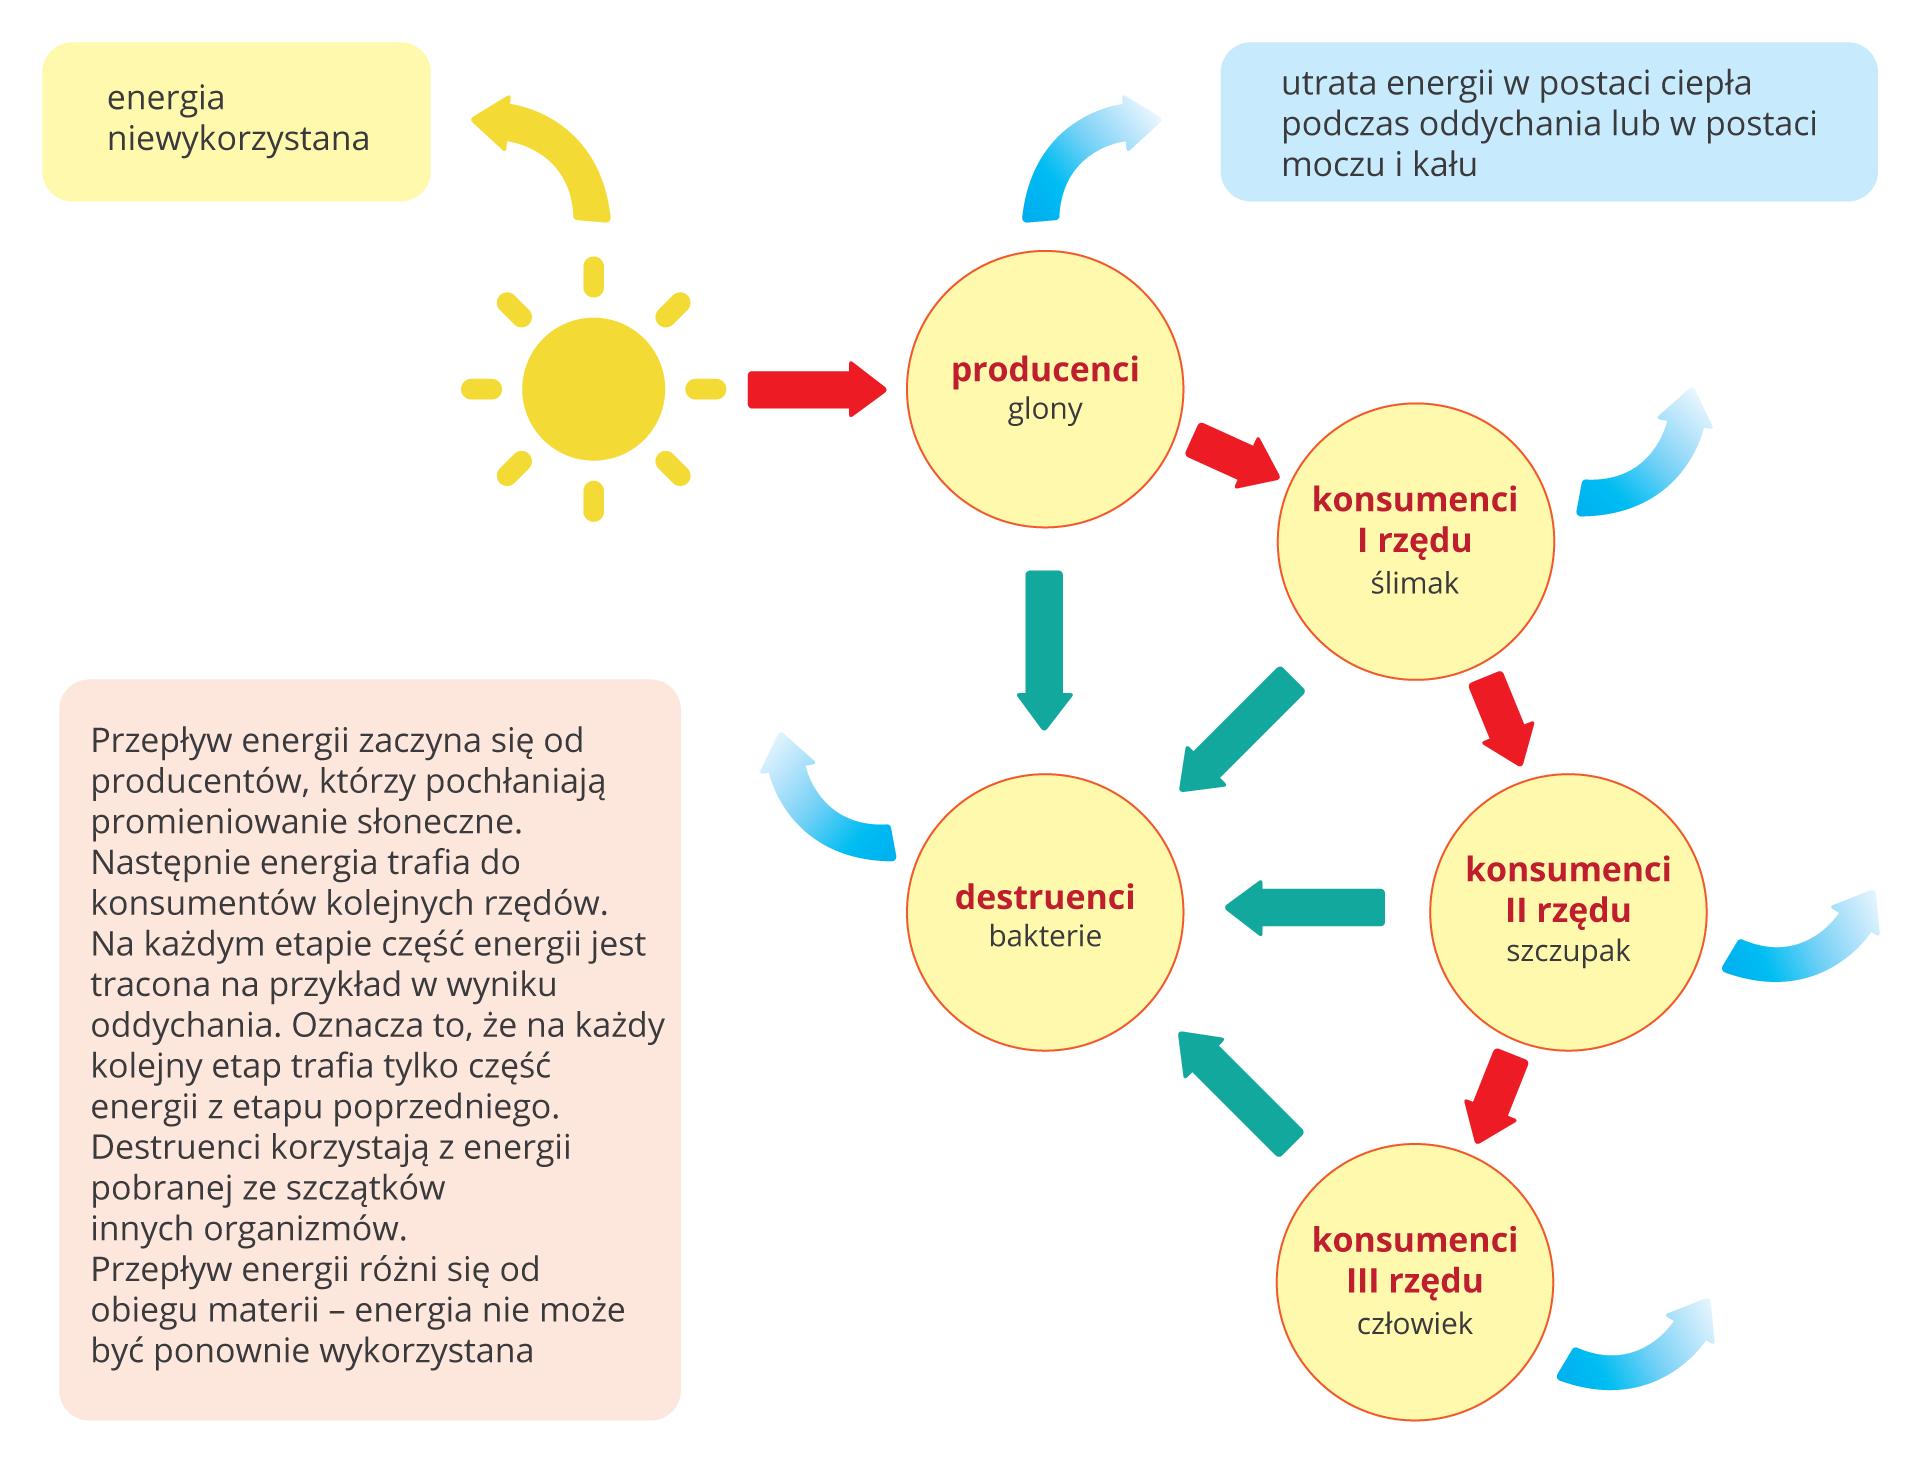 """Ilustracja przedstawia schemat przepływu energii przez ekosystem. Schemat składa się zróżowych kół ikolorowych prostokątów na zielonym tle. Wlewym górnym rogu rysunek słońca iżółta strzałka wgórę znapisem """"energia niewykorzystana"""". Od słońca czerwona strzałka wdół do kółka znapisem """"producenci, glony"""". Od niego turkusowa strzałka wgórę oznacza utratę energii. Dalej czerwona strzałka do kółka znapisem """"konsumenci Irzędu, ślimak"""". Tu też turkusowa strzałka wgórę iturkusowy prostokąt znapisem """" Utrata energii wpostaci ciepła podczas oddychania lub wpostaci moczu ikału"""". Dalej czerwona strzałka do następnego koła znapisem """"konsumenci II rzędu, szczupak"""". Od niego turkusowa strzałka wbok iczerwona do kółka wlewym dolnym rogu znapisem """"konsumenci III rzędu, człowiek"""". Od wszystkich kółek cienkie czarne strzałki wskazują przekazywanie części energii do kółka znapisem """"destruenci, bakterie"""". Od niego turkusowa strzałka strat energii wdół. Zlewej prostokąt znapisem """"Energia słoneczna przepływa przez ekosystem począwszy od producentów, poprzez kolejnych konsumentów. Na każdym etapie część tej energii jest rozpraszana wpostaci ciepła (oddychanie komórkowe), atakże wpostaci odchodów. Również na każdym etapie zenergii korzystają destruenci, pobierając ją ze szczątków roślin izwierząt."""